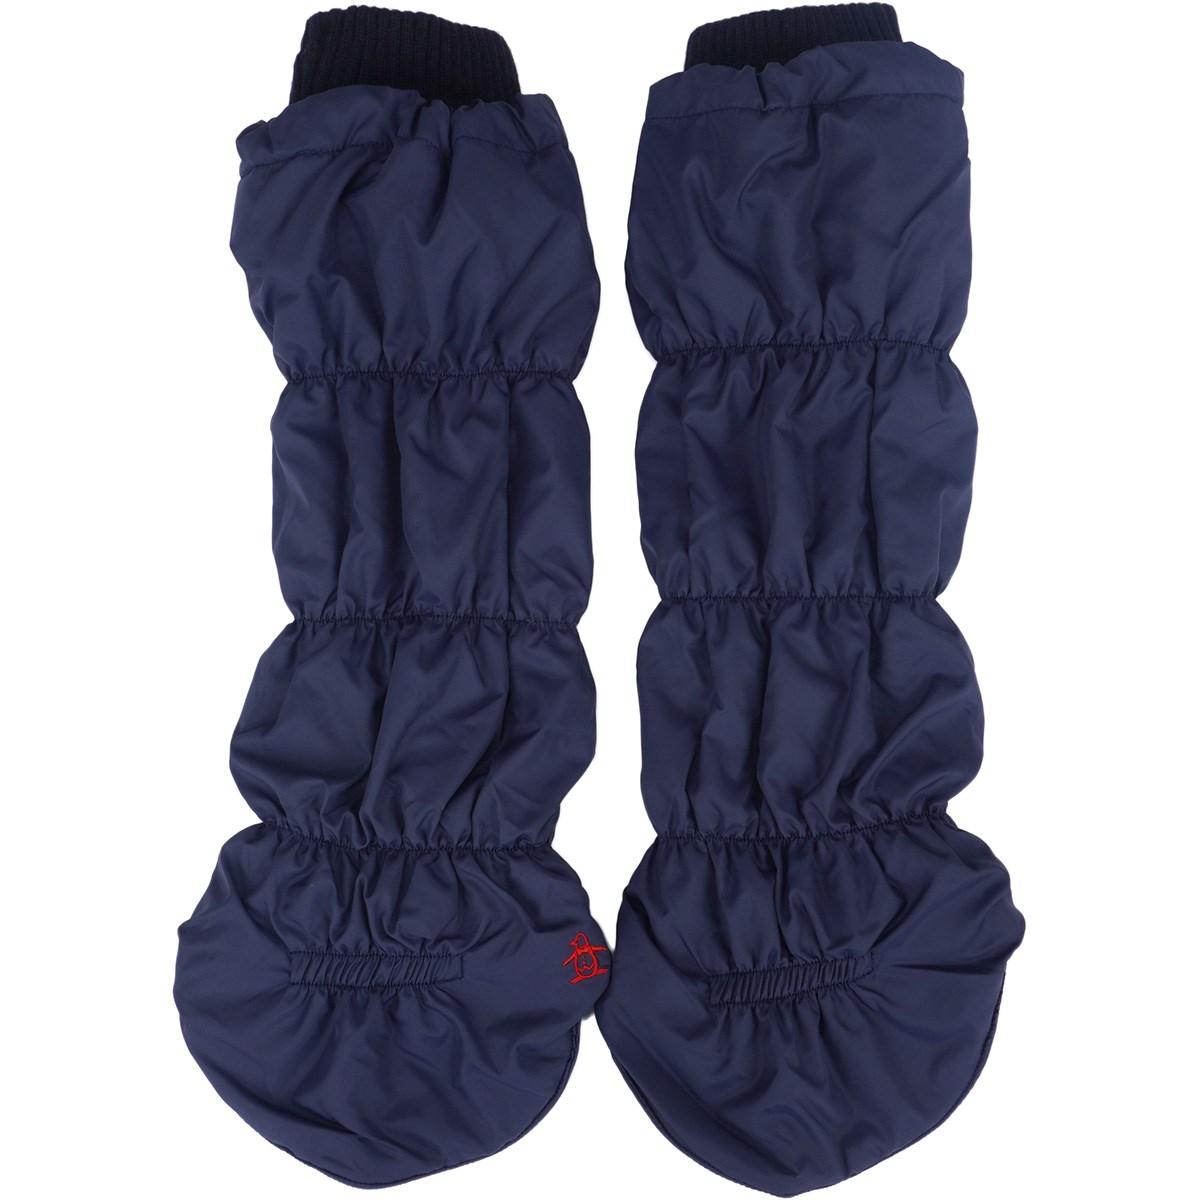 [定番モデル] マンシングウェア Munsingwear キルトタイプレッグウォーマー ネイビー 00 レディース ゴルフウェア